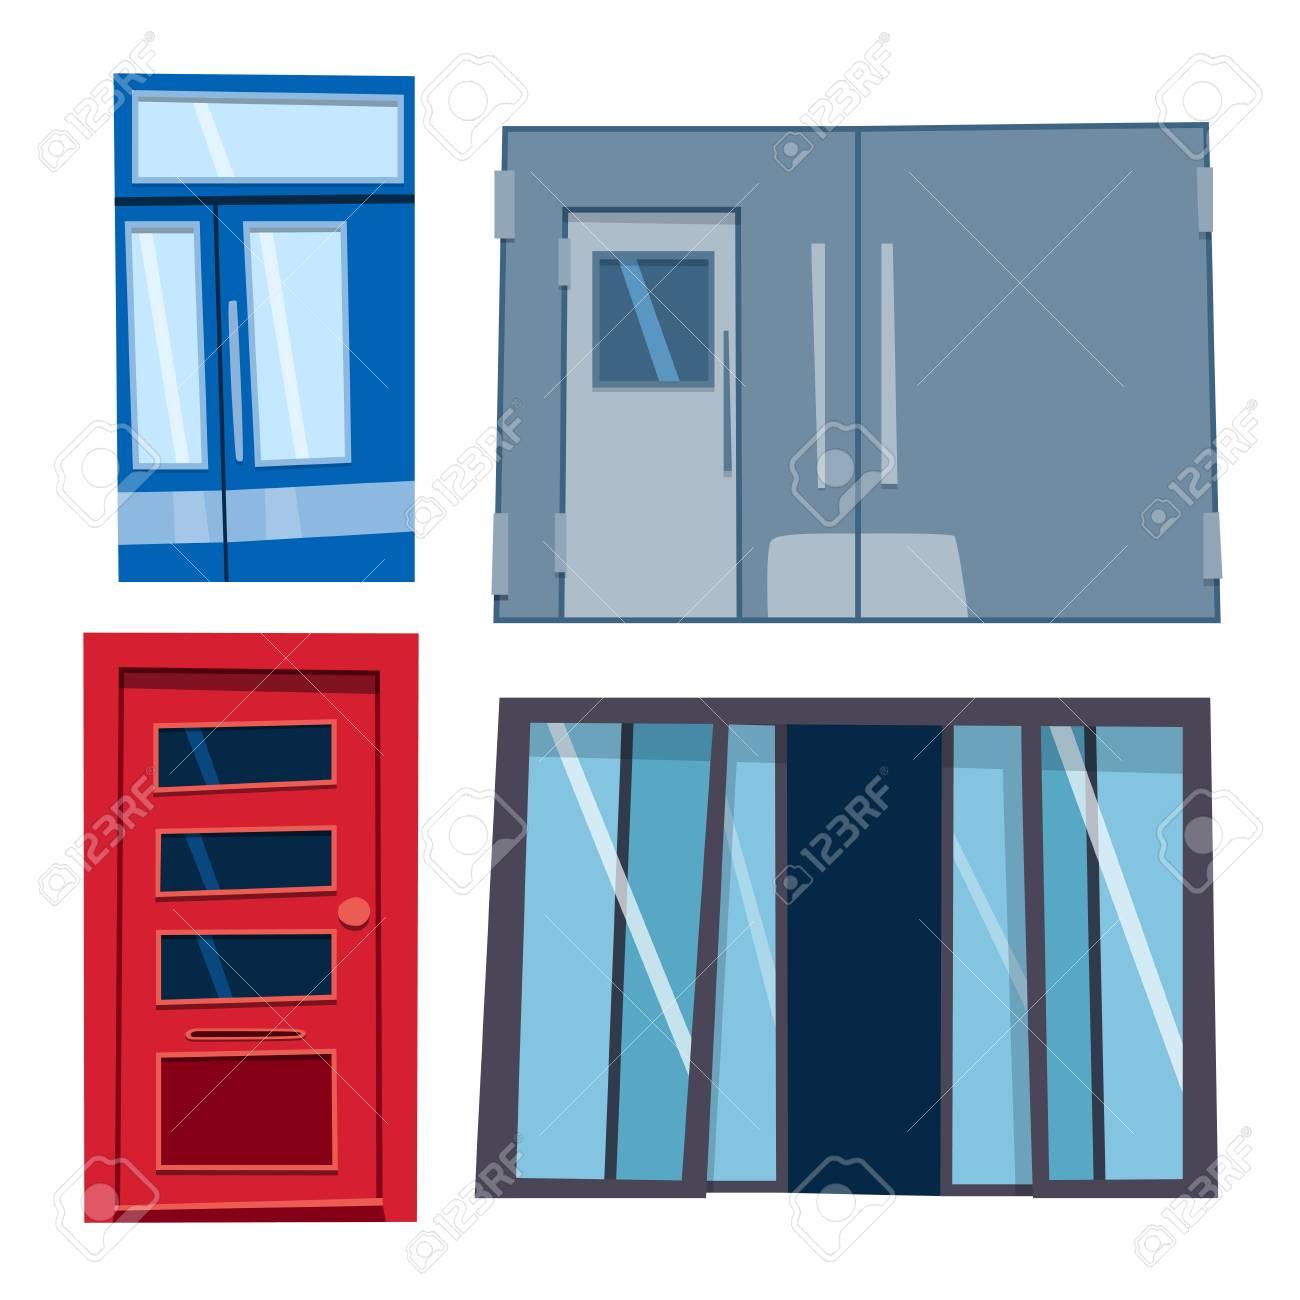 Farbe Tür Vor Haus Zu Hause Und Gebäude Flache Design-Stil Isoliert ...